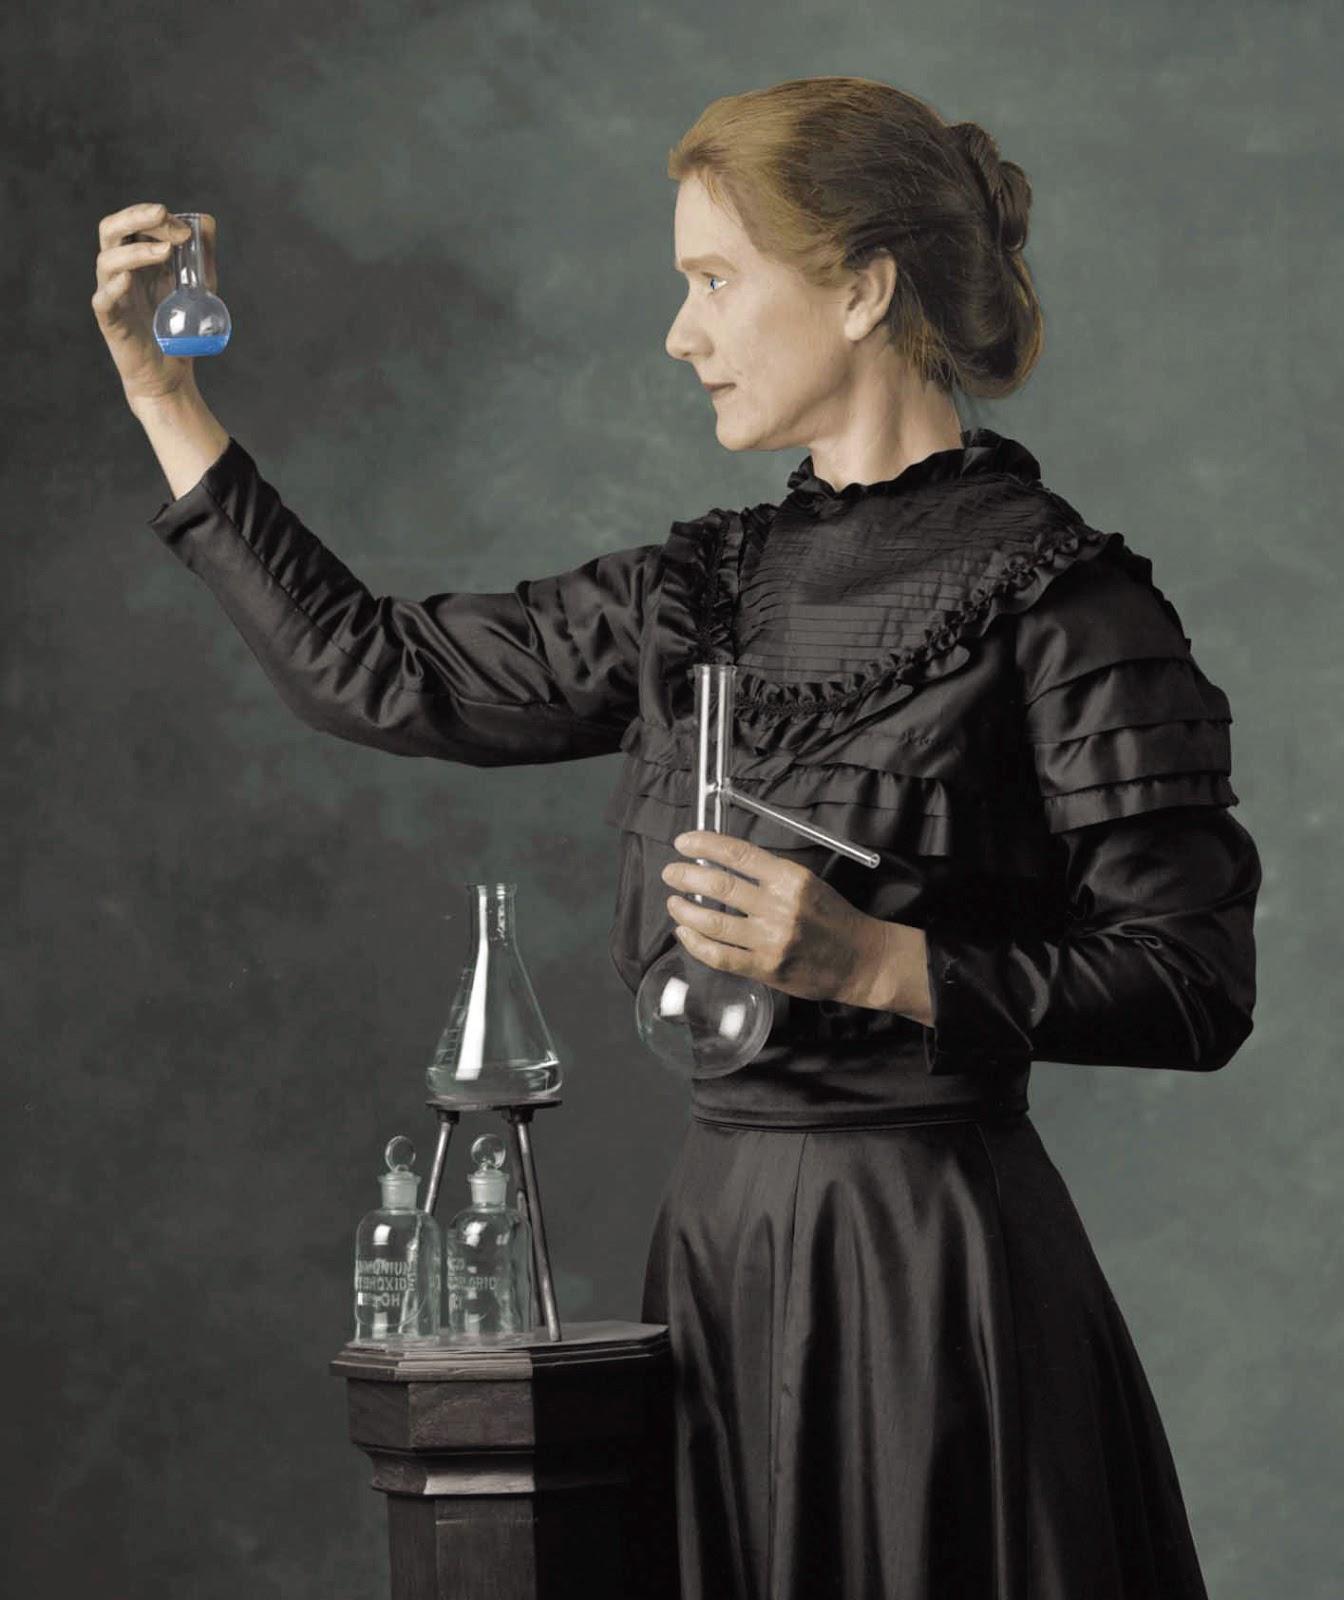 Мария Склодовская-Кюри - первая женщина-Нобелевский лауреат, физик и химик